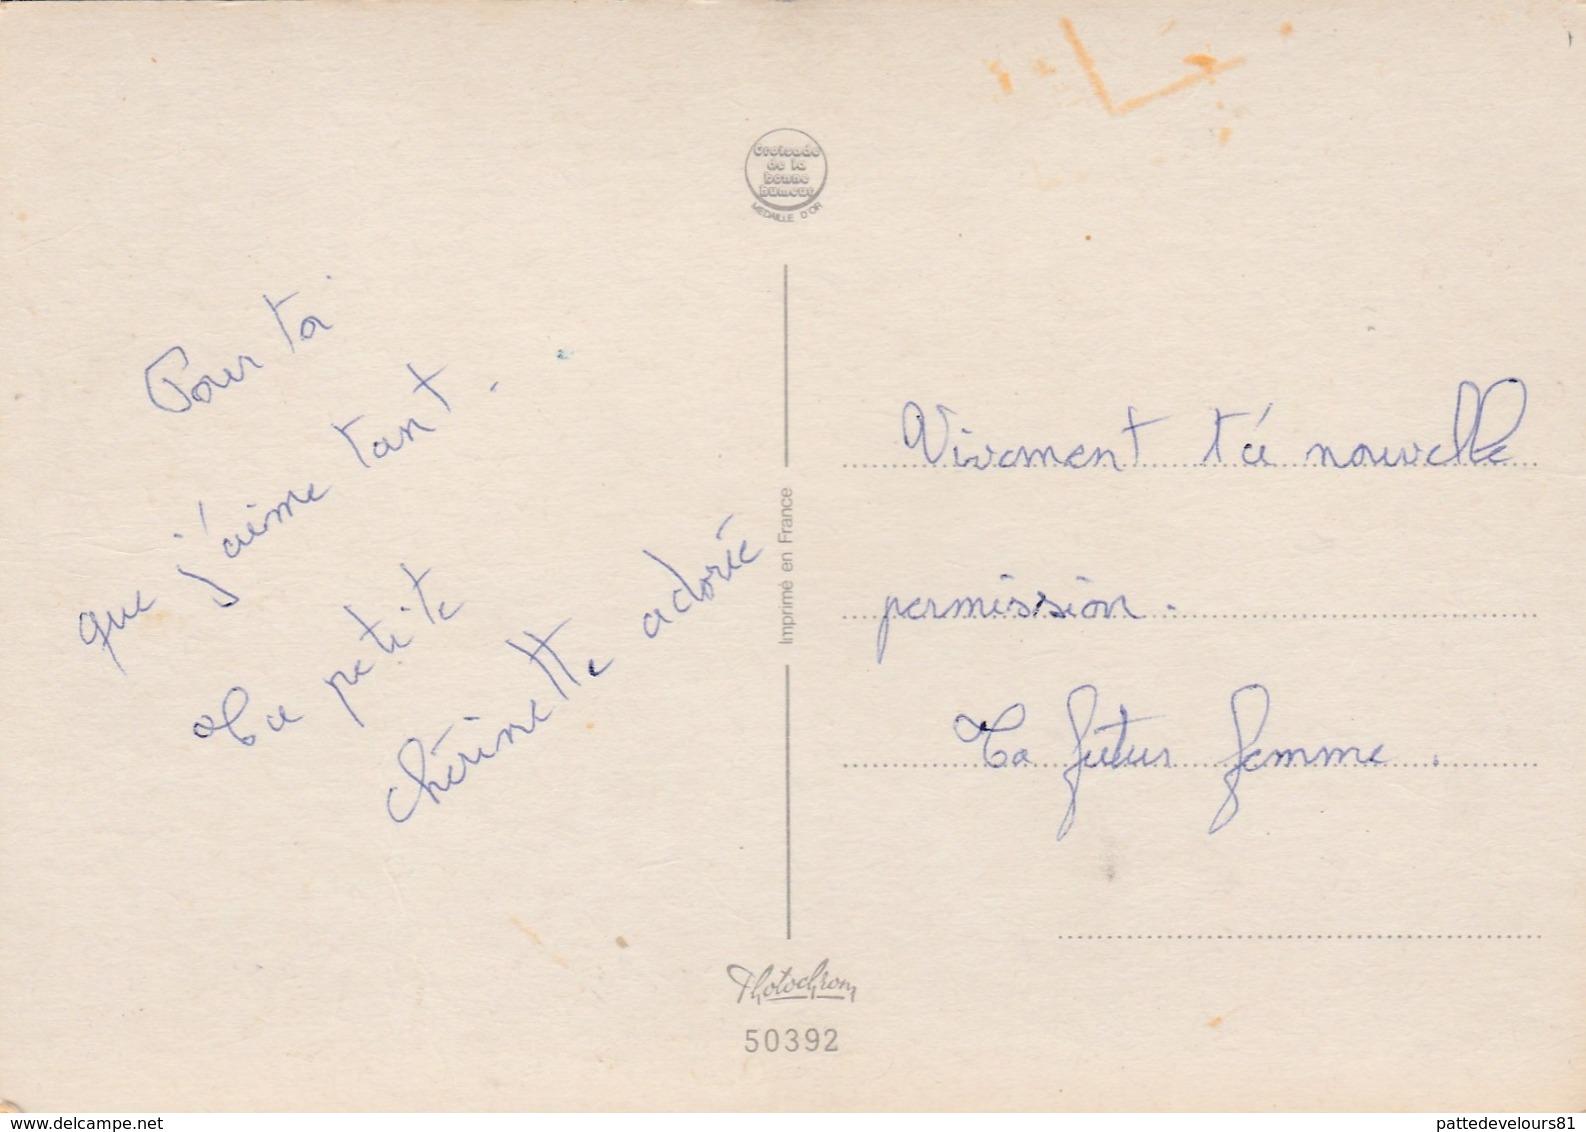 CPSM Pin-up Sexy Glamour Bas Soldat Militaire Armée Permission Militaria Illustrateur L. CARRIERE N° 50392 (2 Scans) - Carrière, Louis